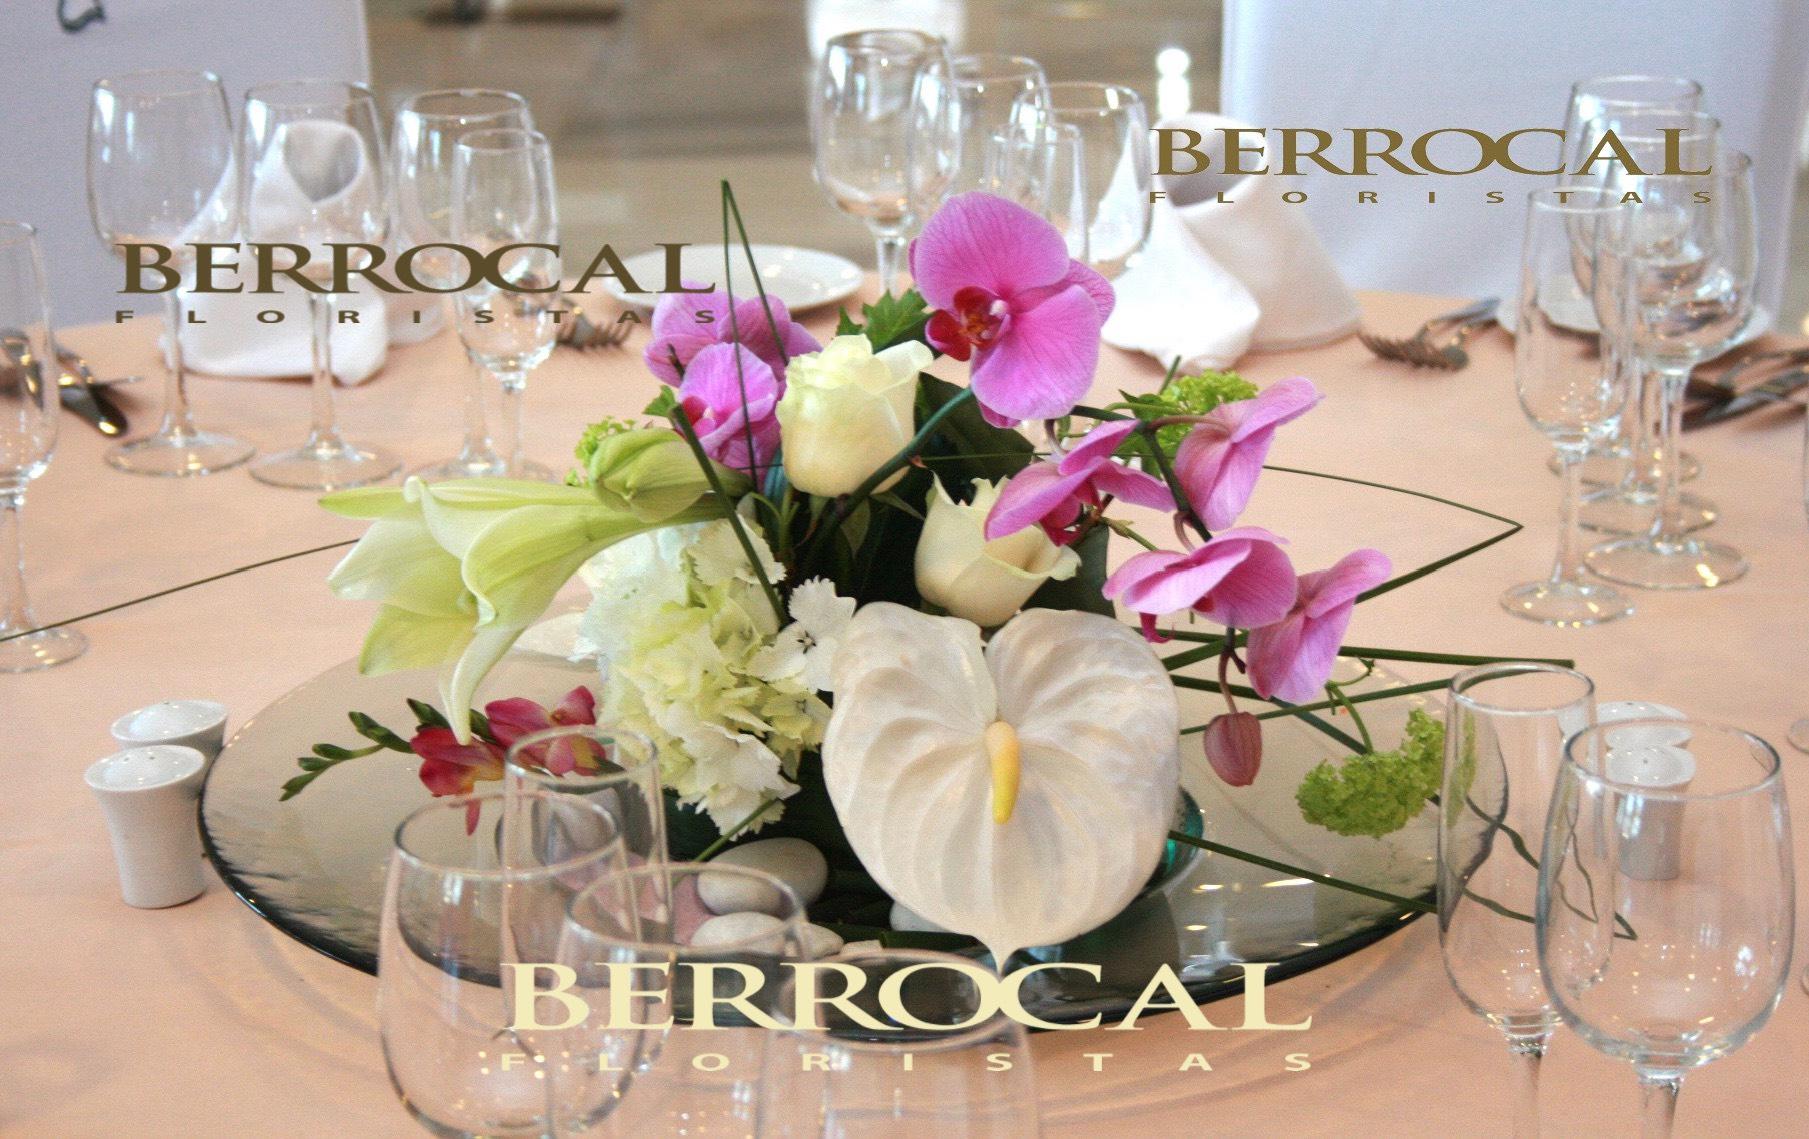 Centro de mesa.  Orquídea phalaenopsis malva. Anturium blanco. Rosas. Longiflorum. Hortensias. Viburniun